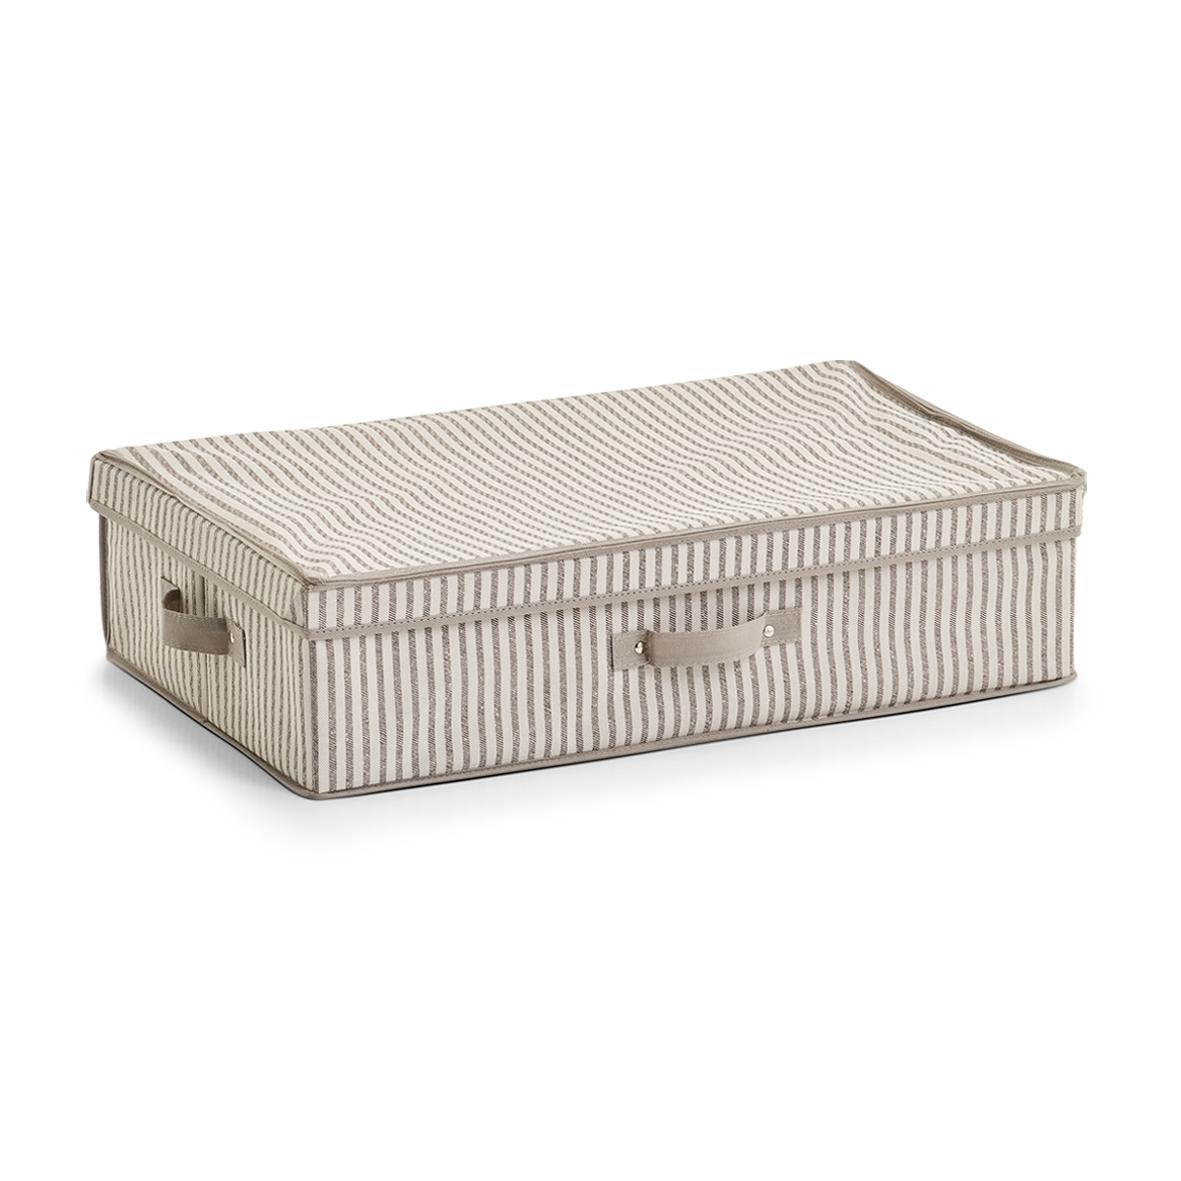 Organizator textil pliabil cu capac, Bej Stripes, l61,5xA38xH16,5 cm imagine